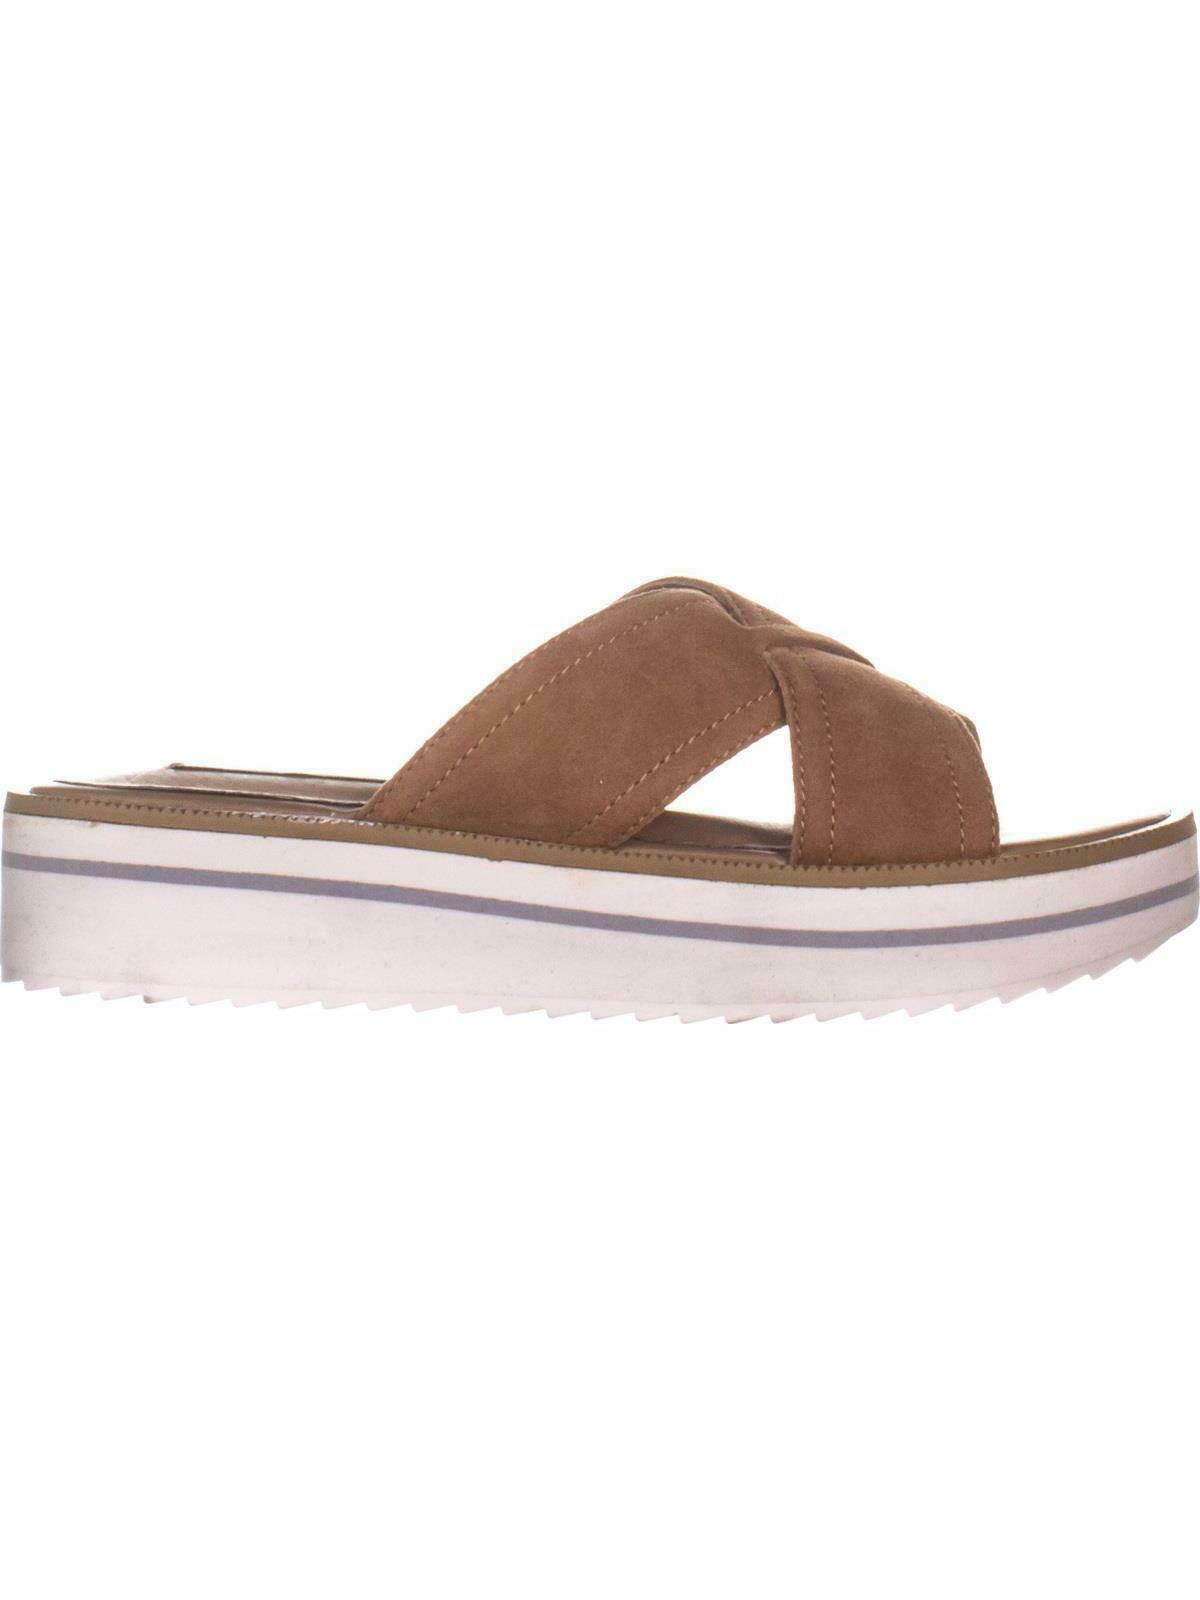 STEVEN Steve Madden Katie Platform Sandals, Sand, 6.5 US